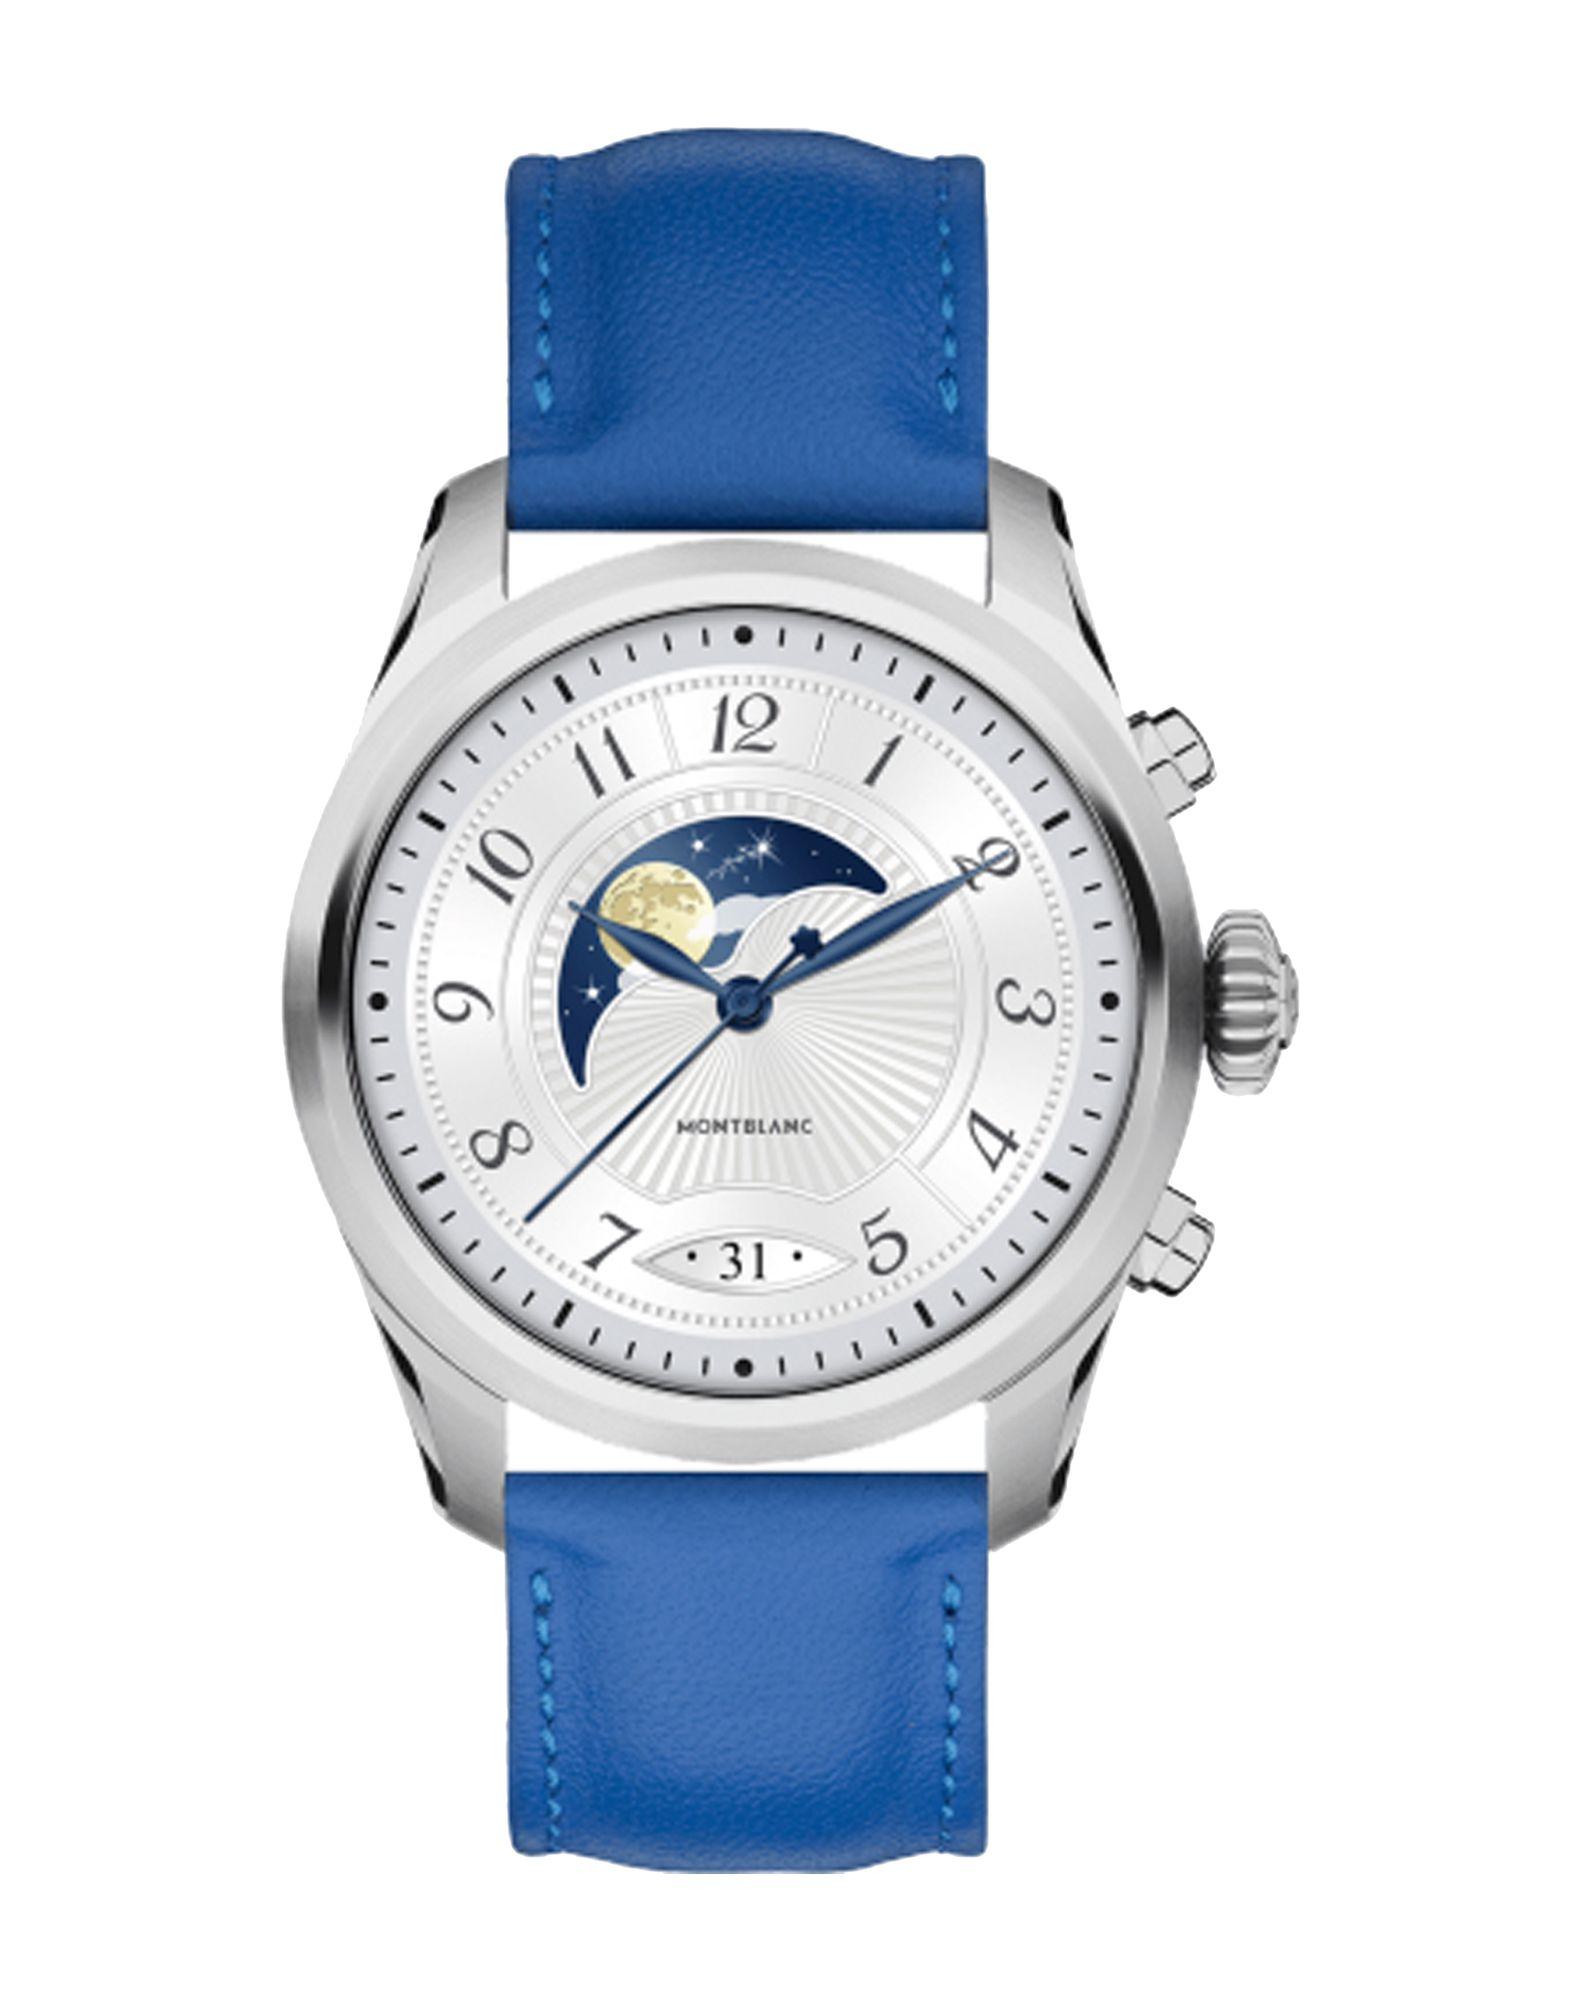 MONTBLANC Умные часы умные часы спорта умные часы элегантность bluetooth часы пригодных для бизнеса спорта shopping дальнего совместимы с ios и android умные часы